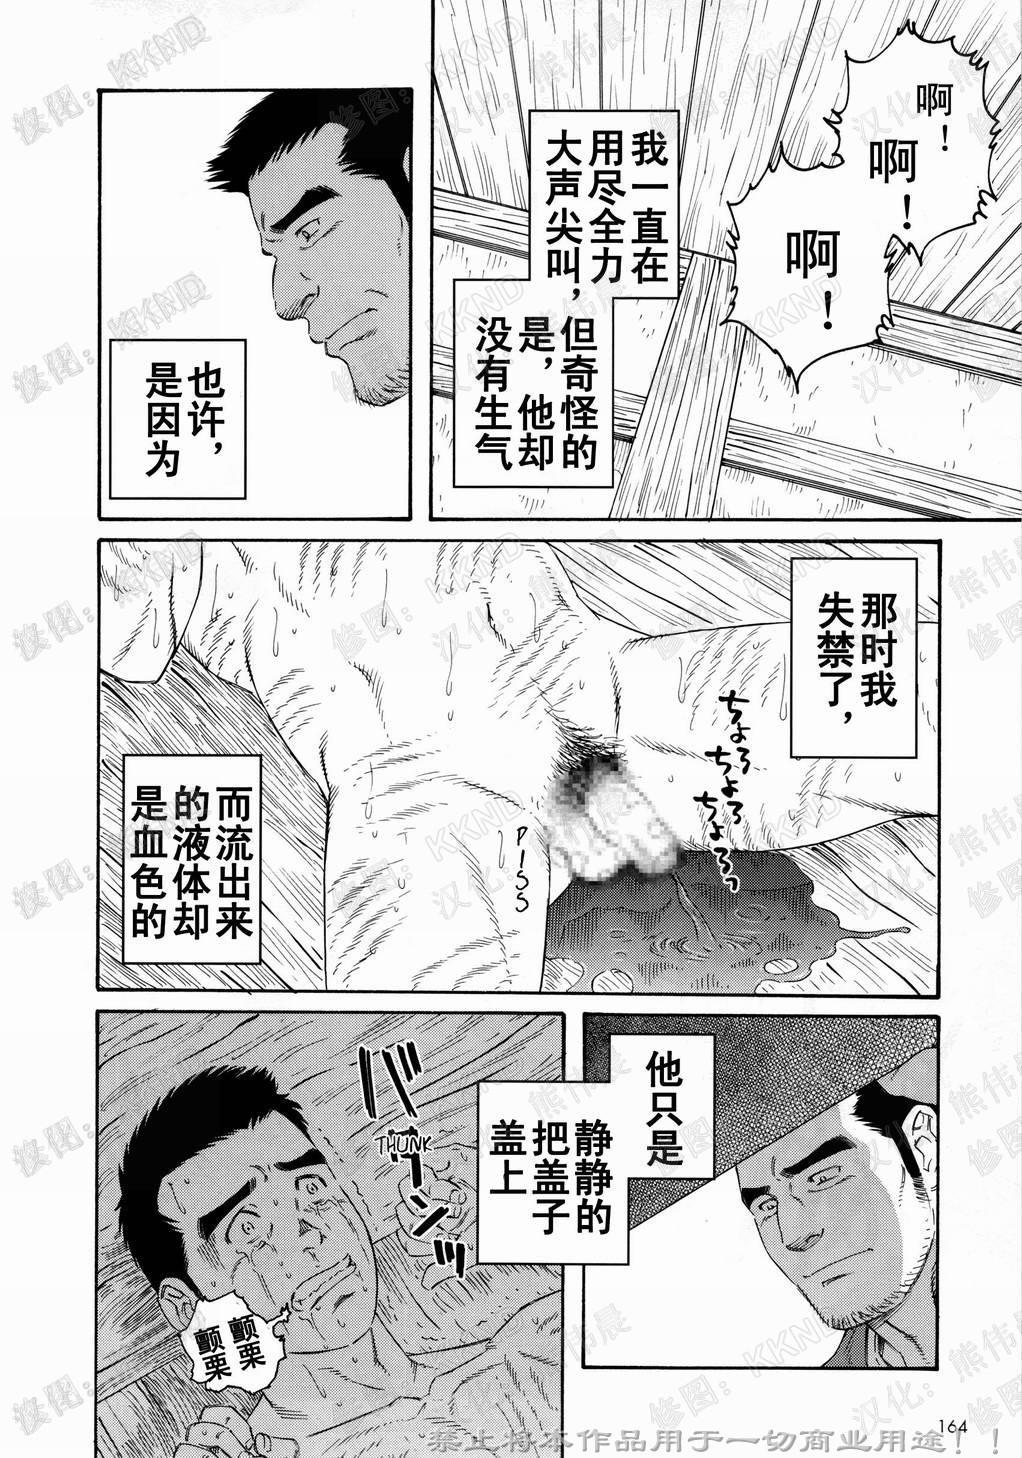 Nagamochi no Naka 73